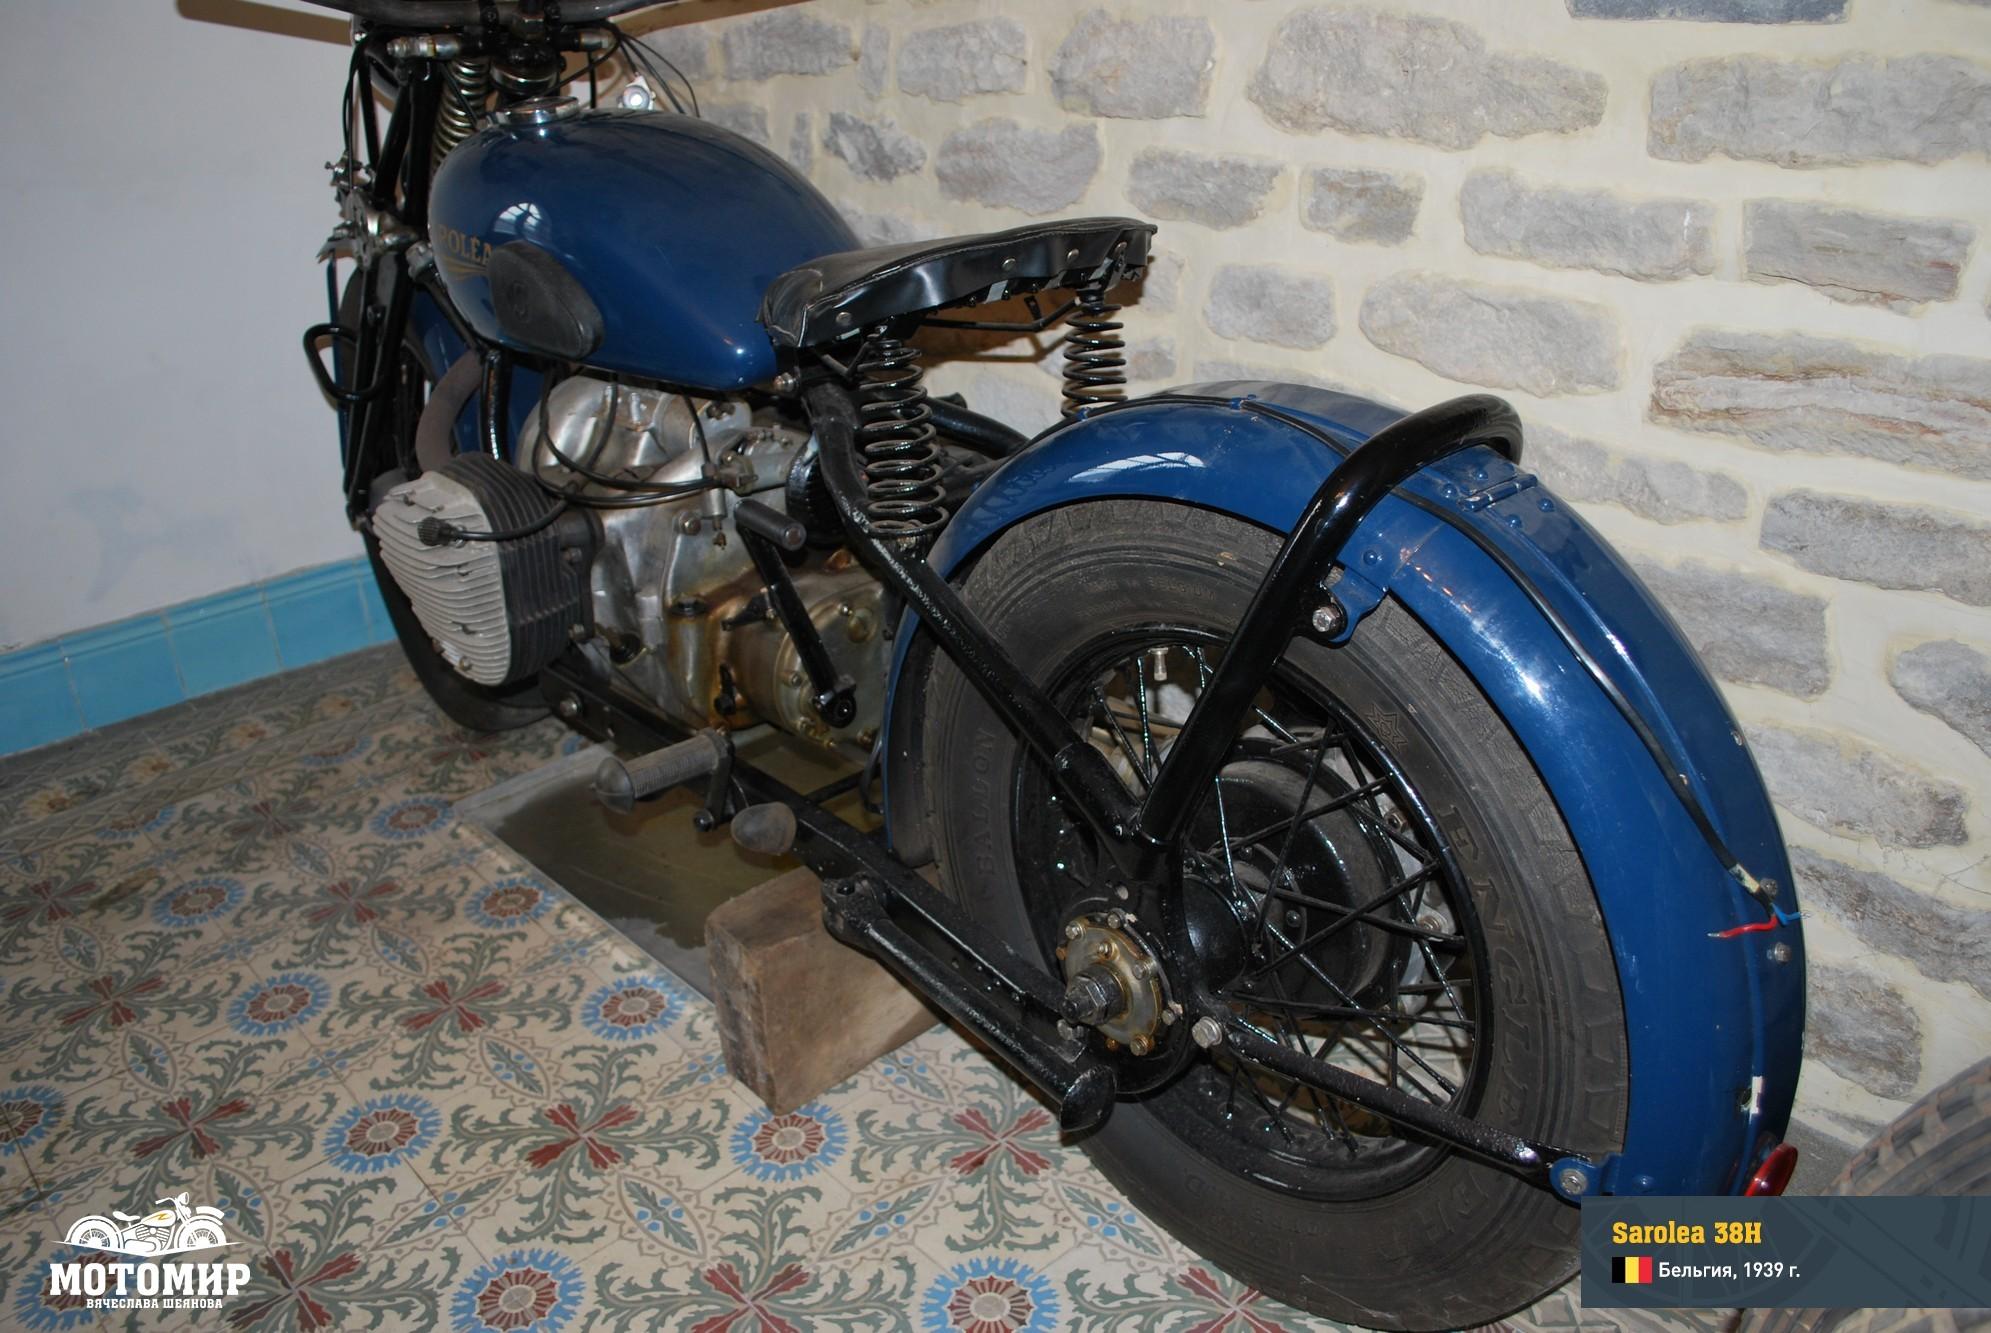 sarolea-38-h-1939-web-26